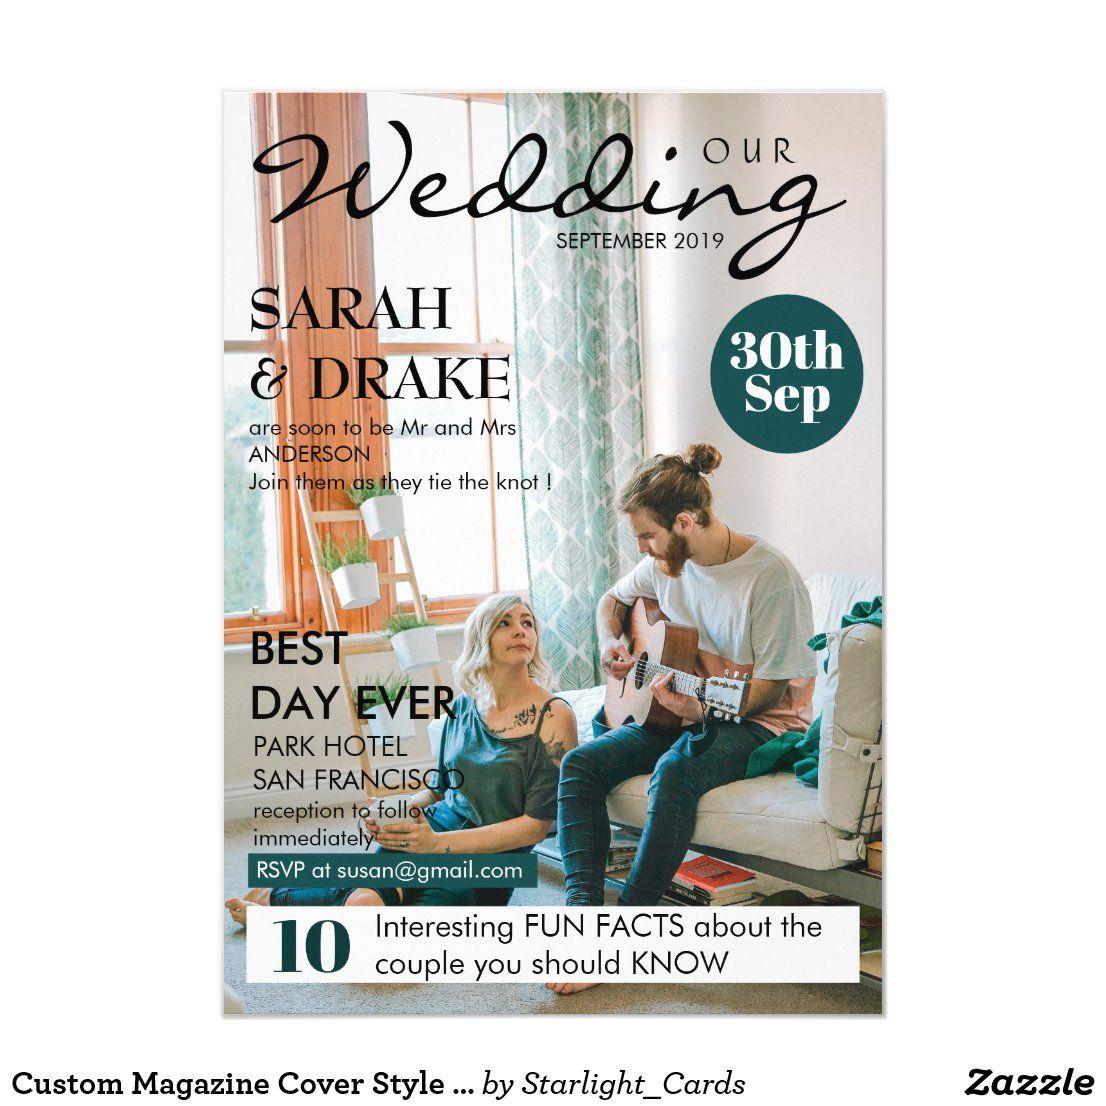 Custom Magazine Cover Style Photo Wedding Invitation Zazzle Com In 2020 Photo Wedding Invitations Magazine Wedding Program Wedding Magazine Cover